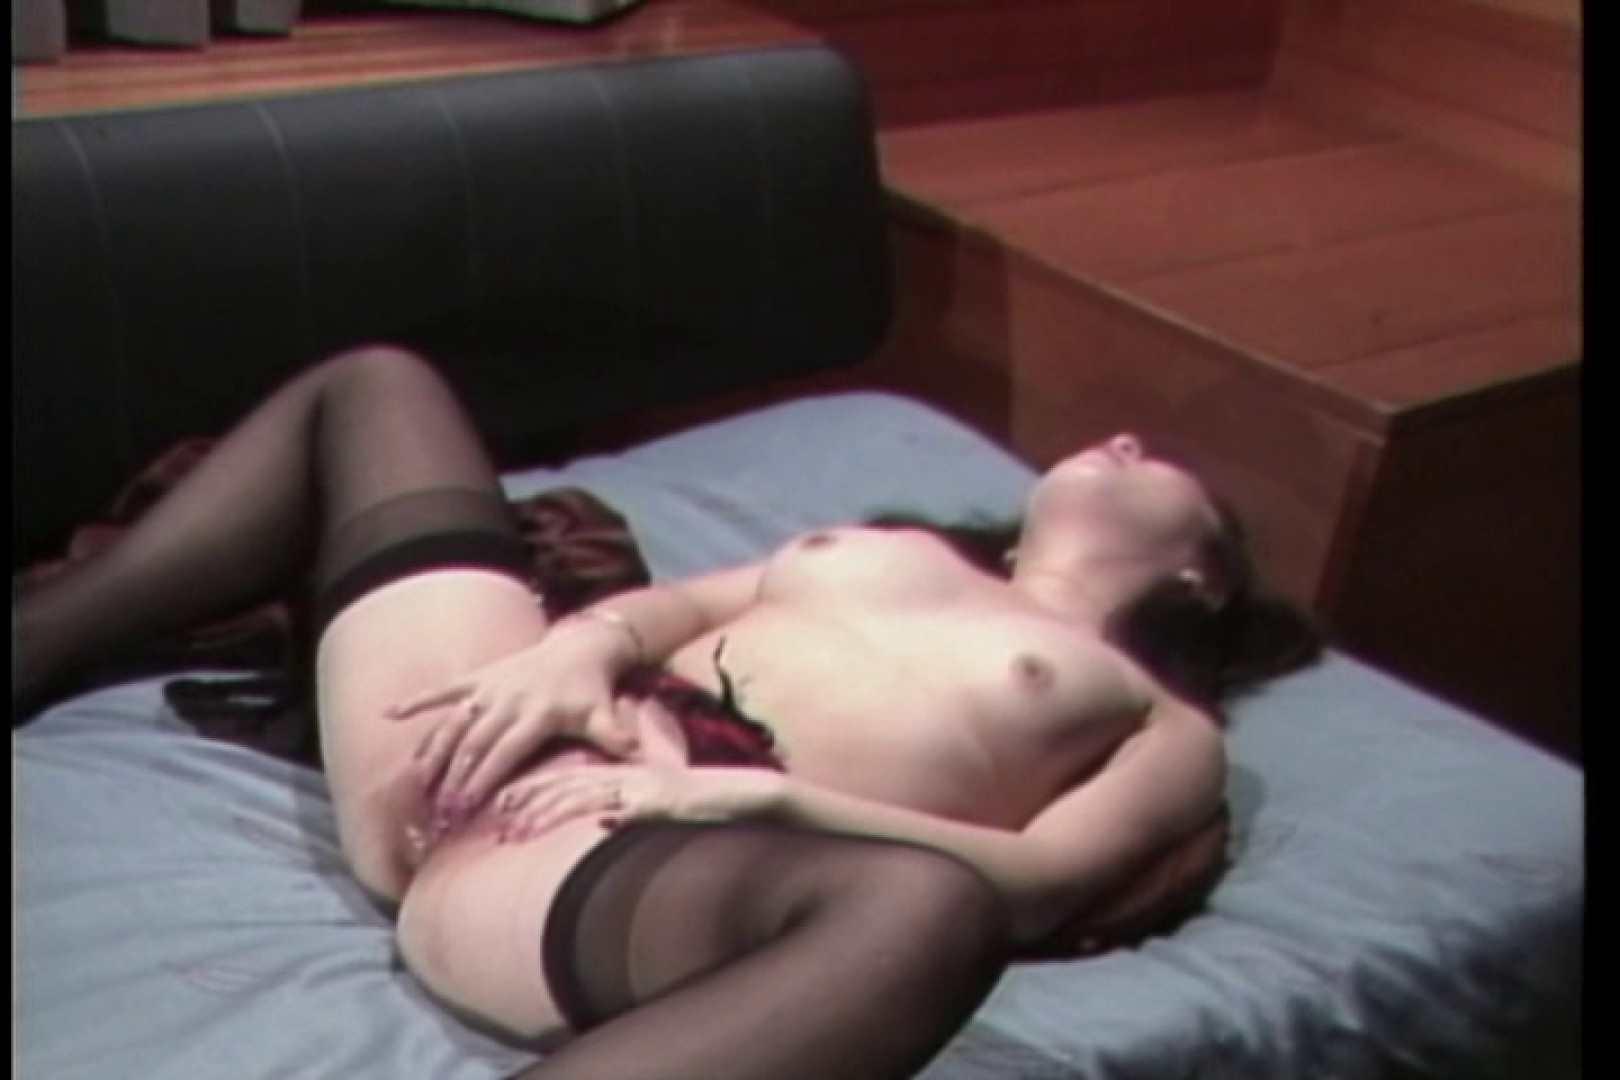 変態亜美のアブノーマルな世界・前編~夢野亜美~ オナニー特集   巨乳デカ乳  112画像 86